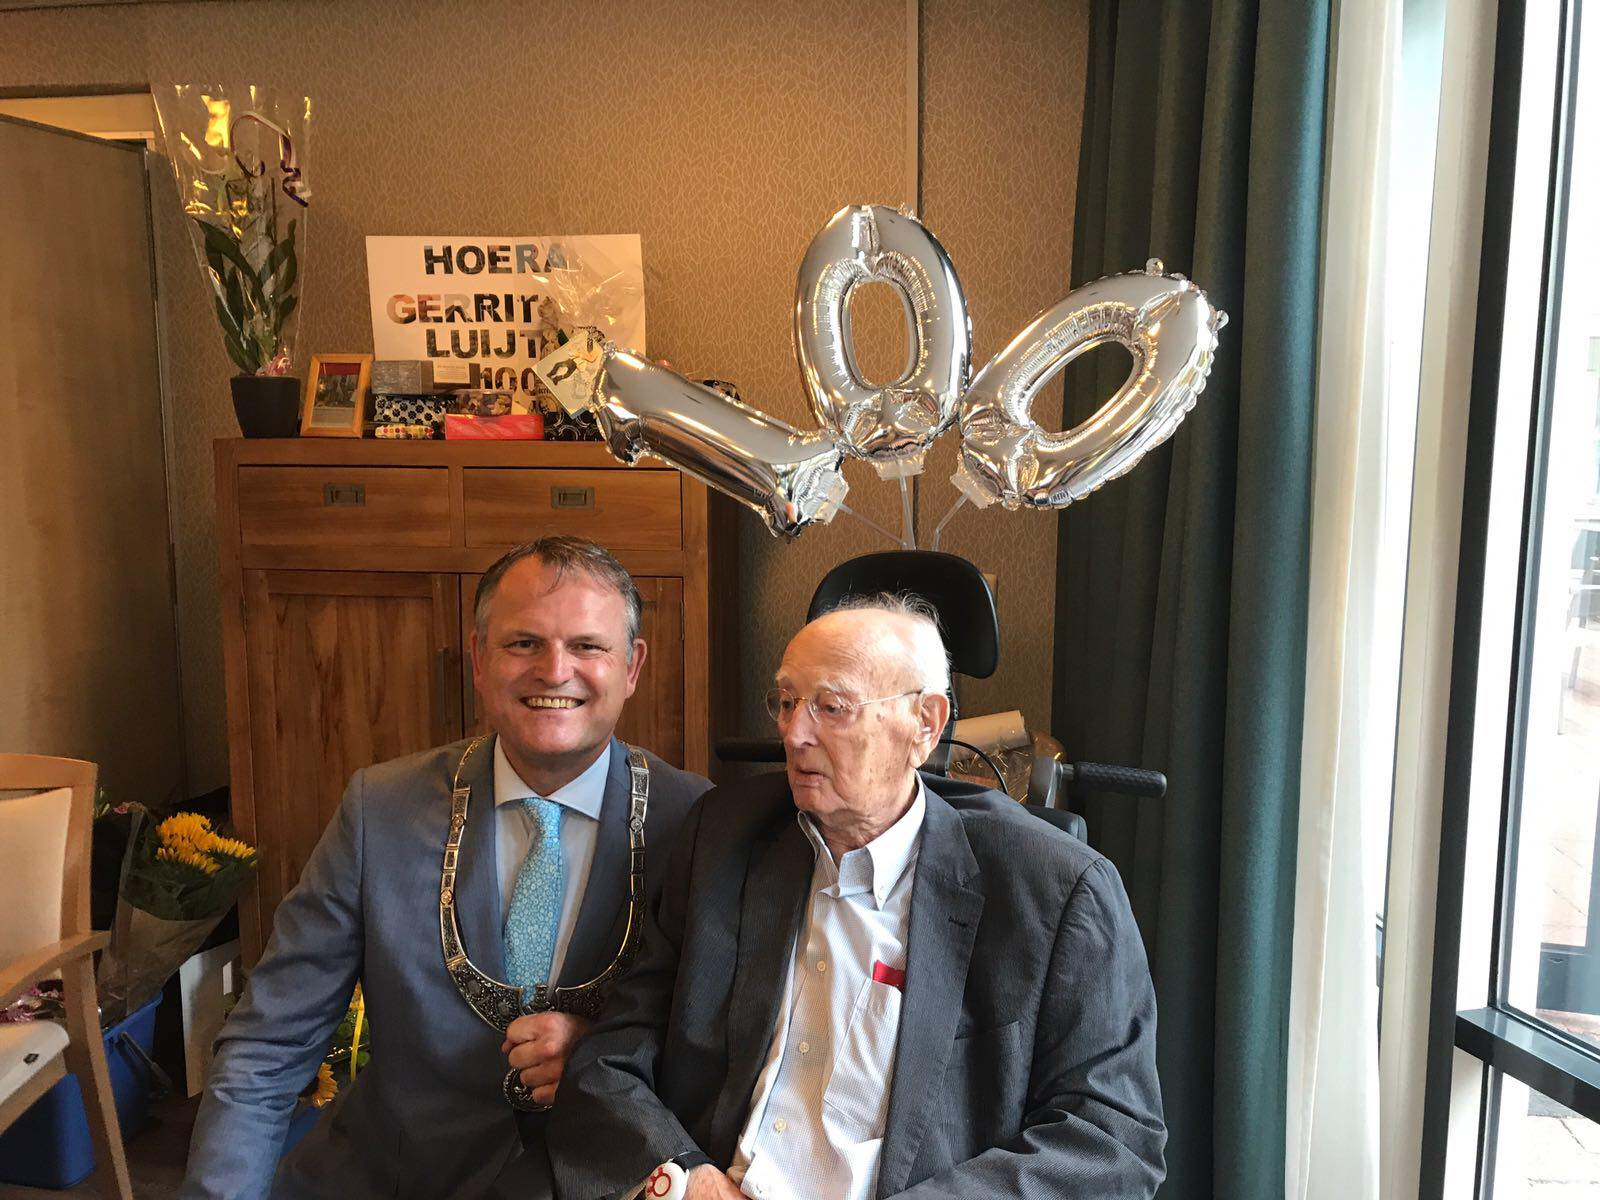 Locoburgemeester Gerard Slegers op bezoek bij Gerrit Luijting. (Foto: Gemeente Zaanstad)